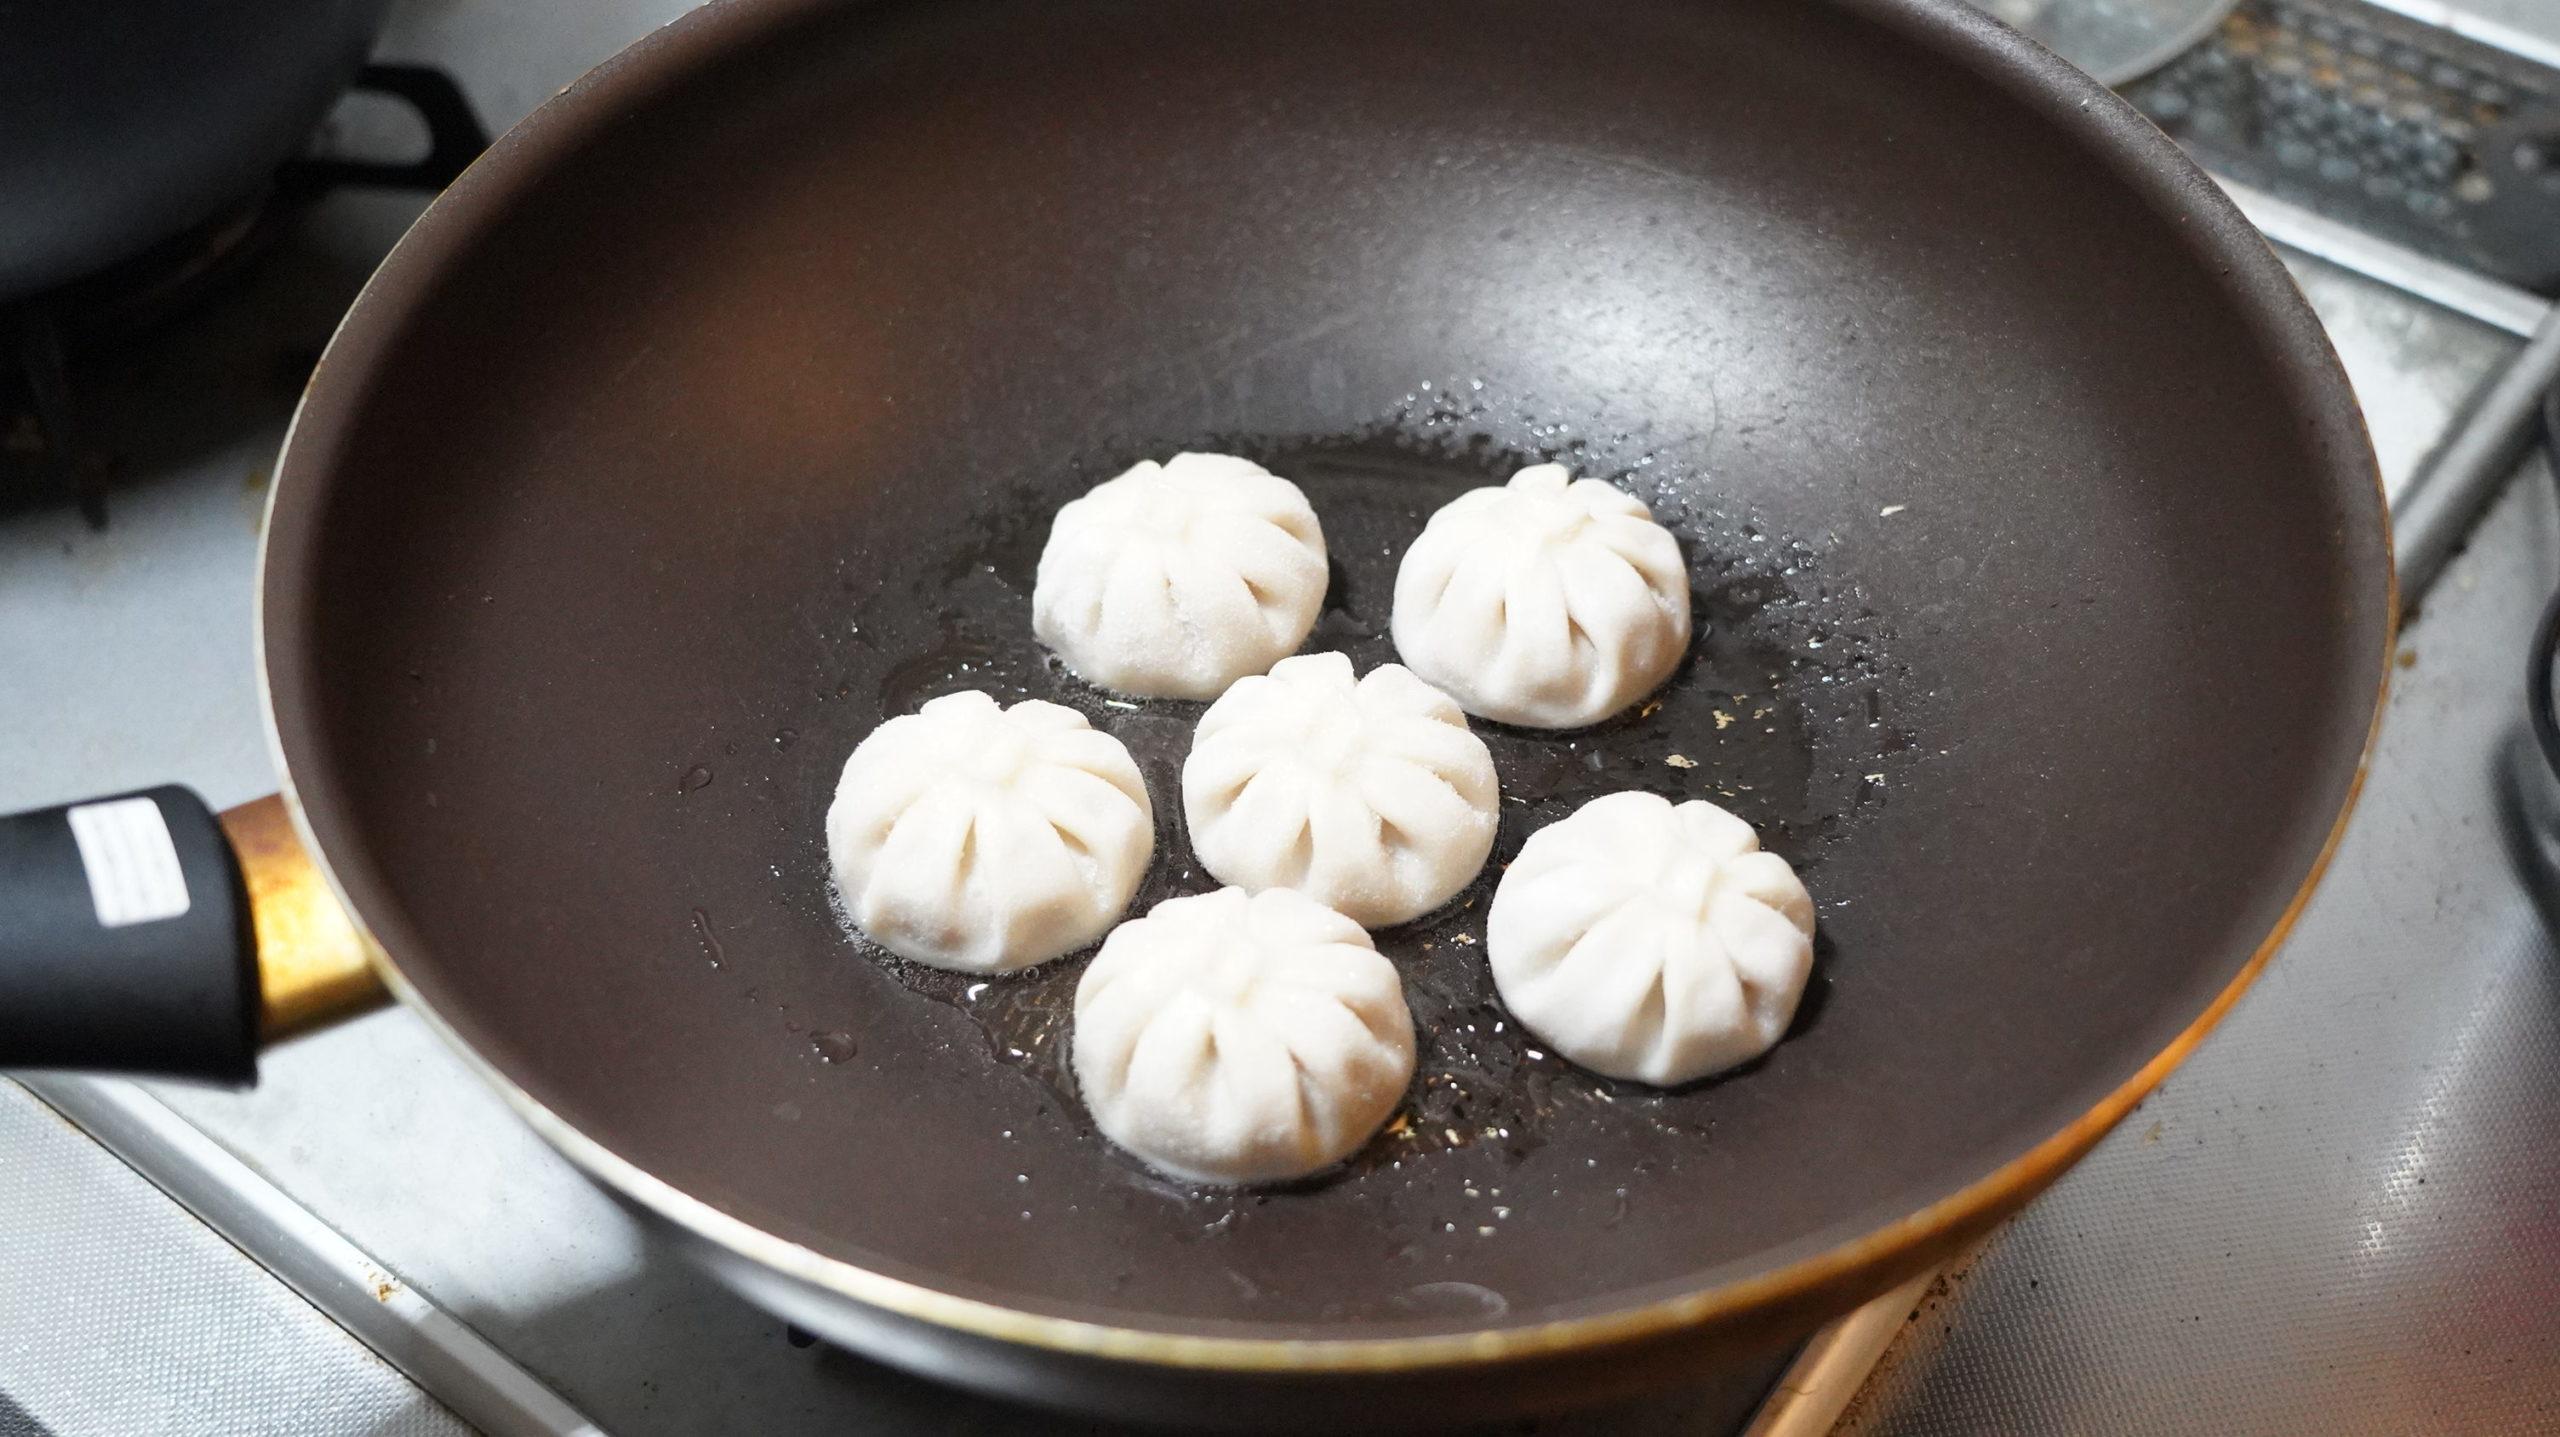 コストコの冷凍食品「冷凍・生・小籠包」をフライパンで加熱している写真